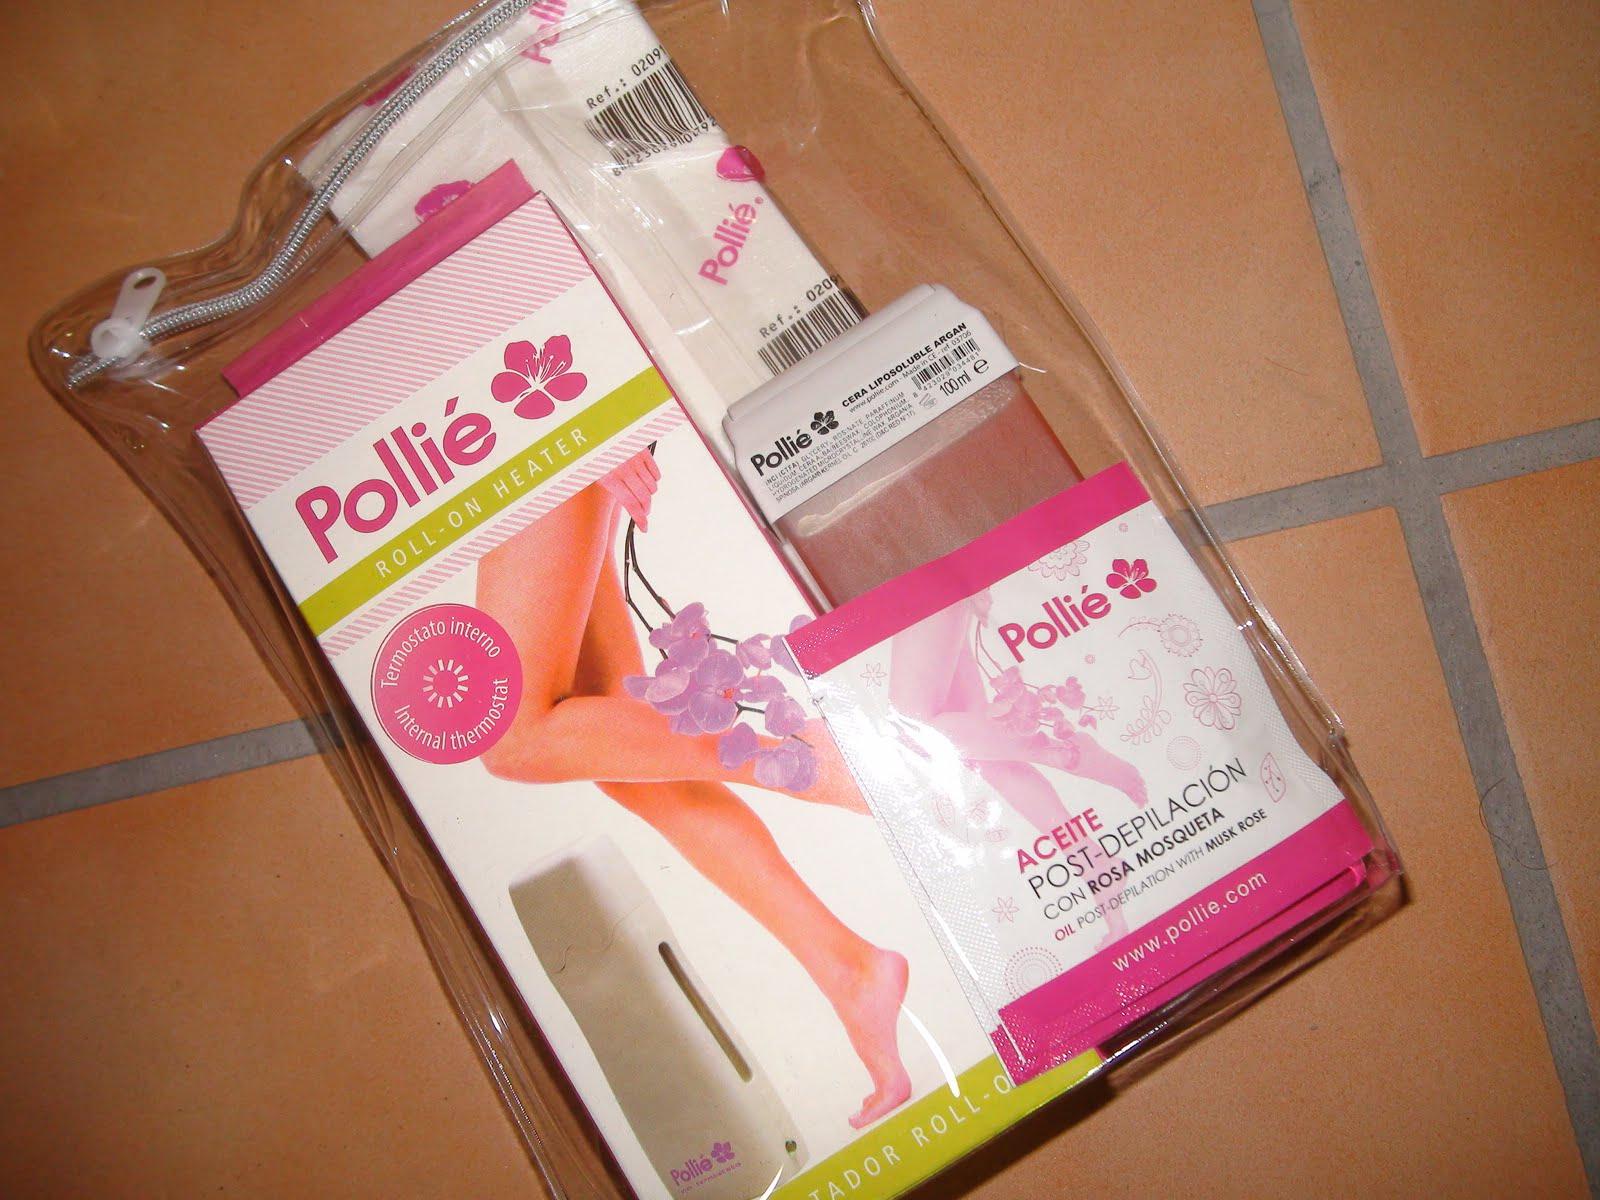 Kit per a la depilació professional a casa (1)